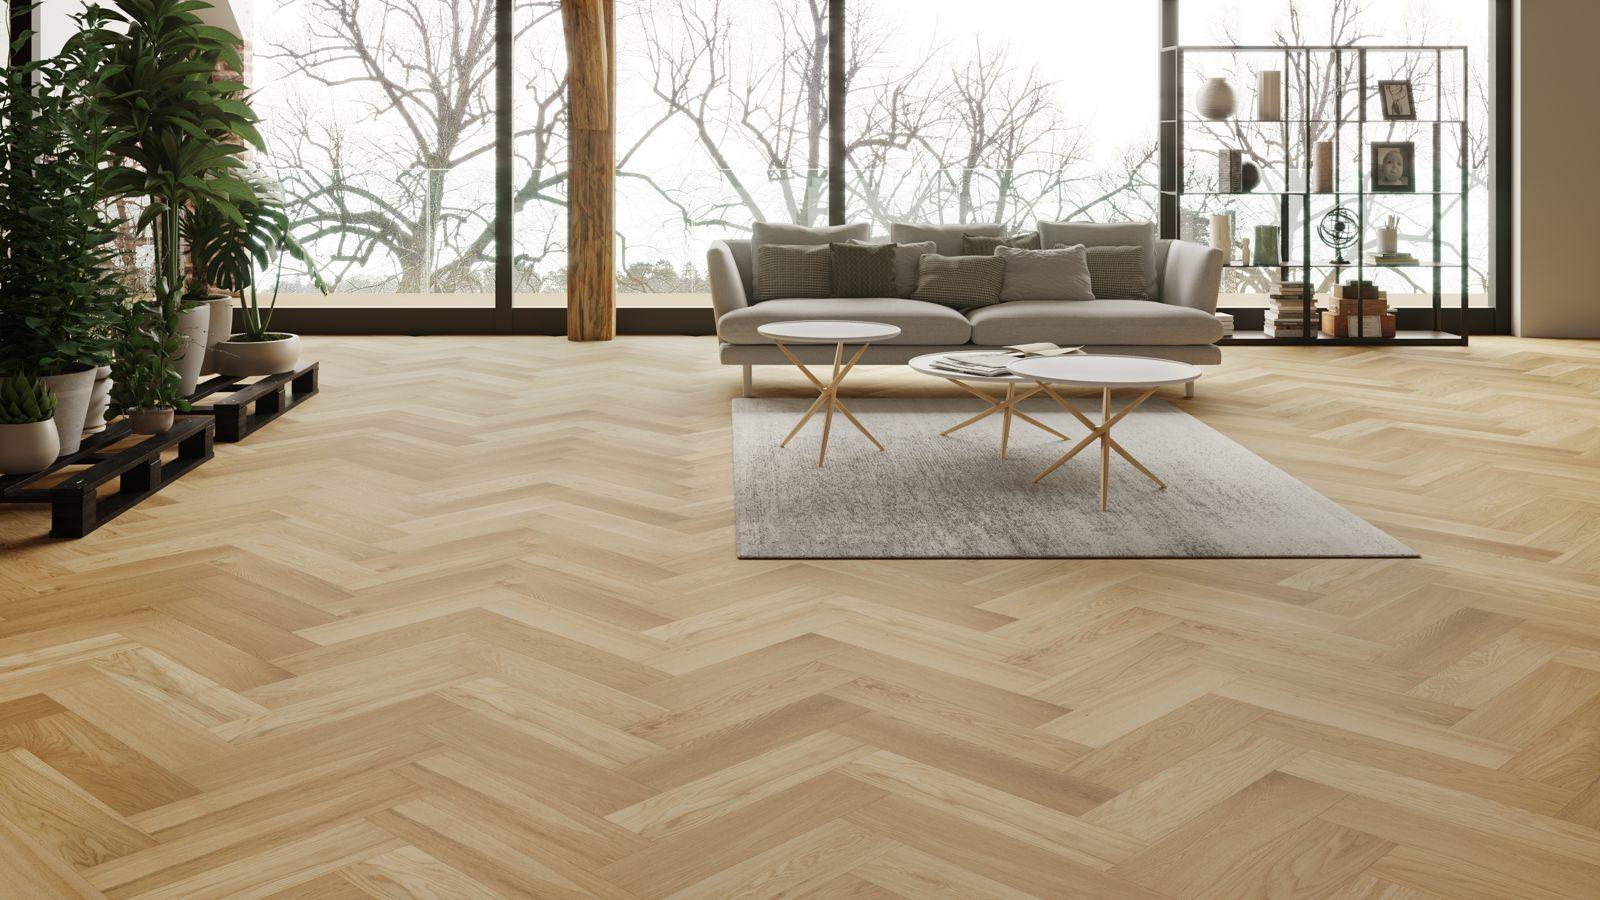 Eiken Parket Visgraat : Visgraat invisible look eiken multiplank houten vloeren parket